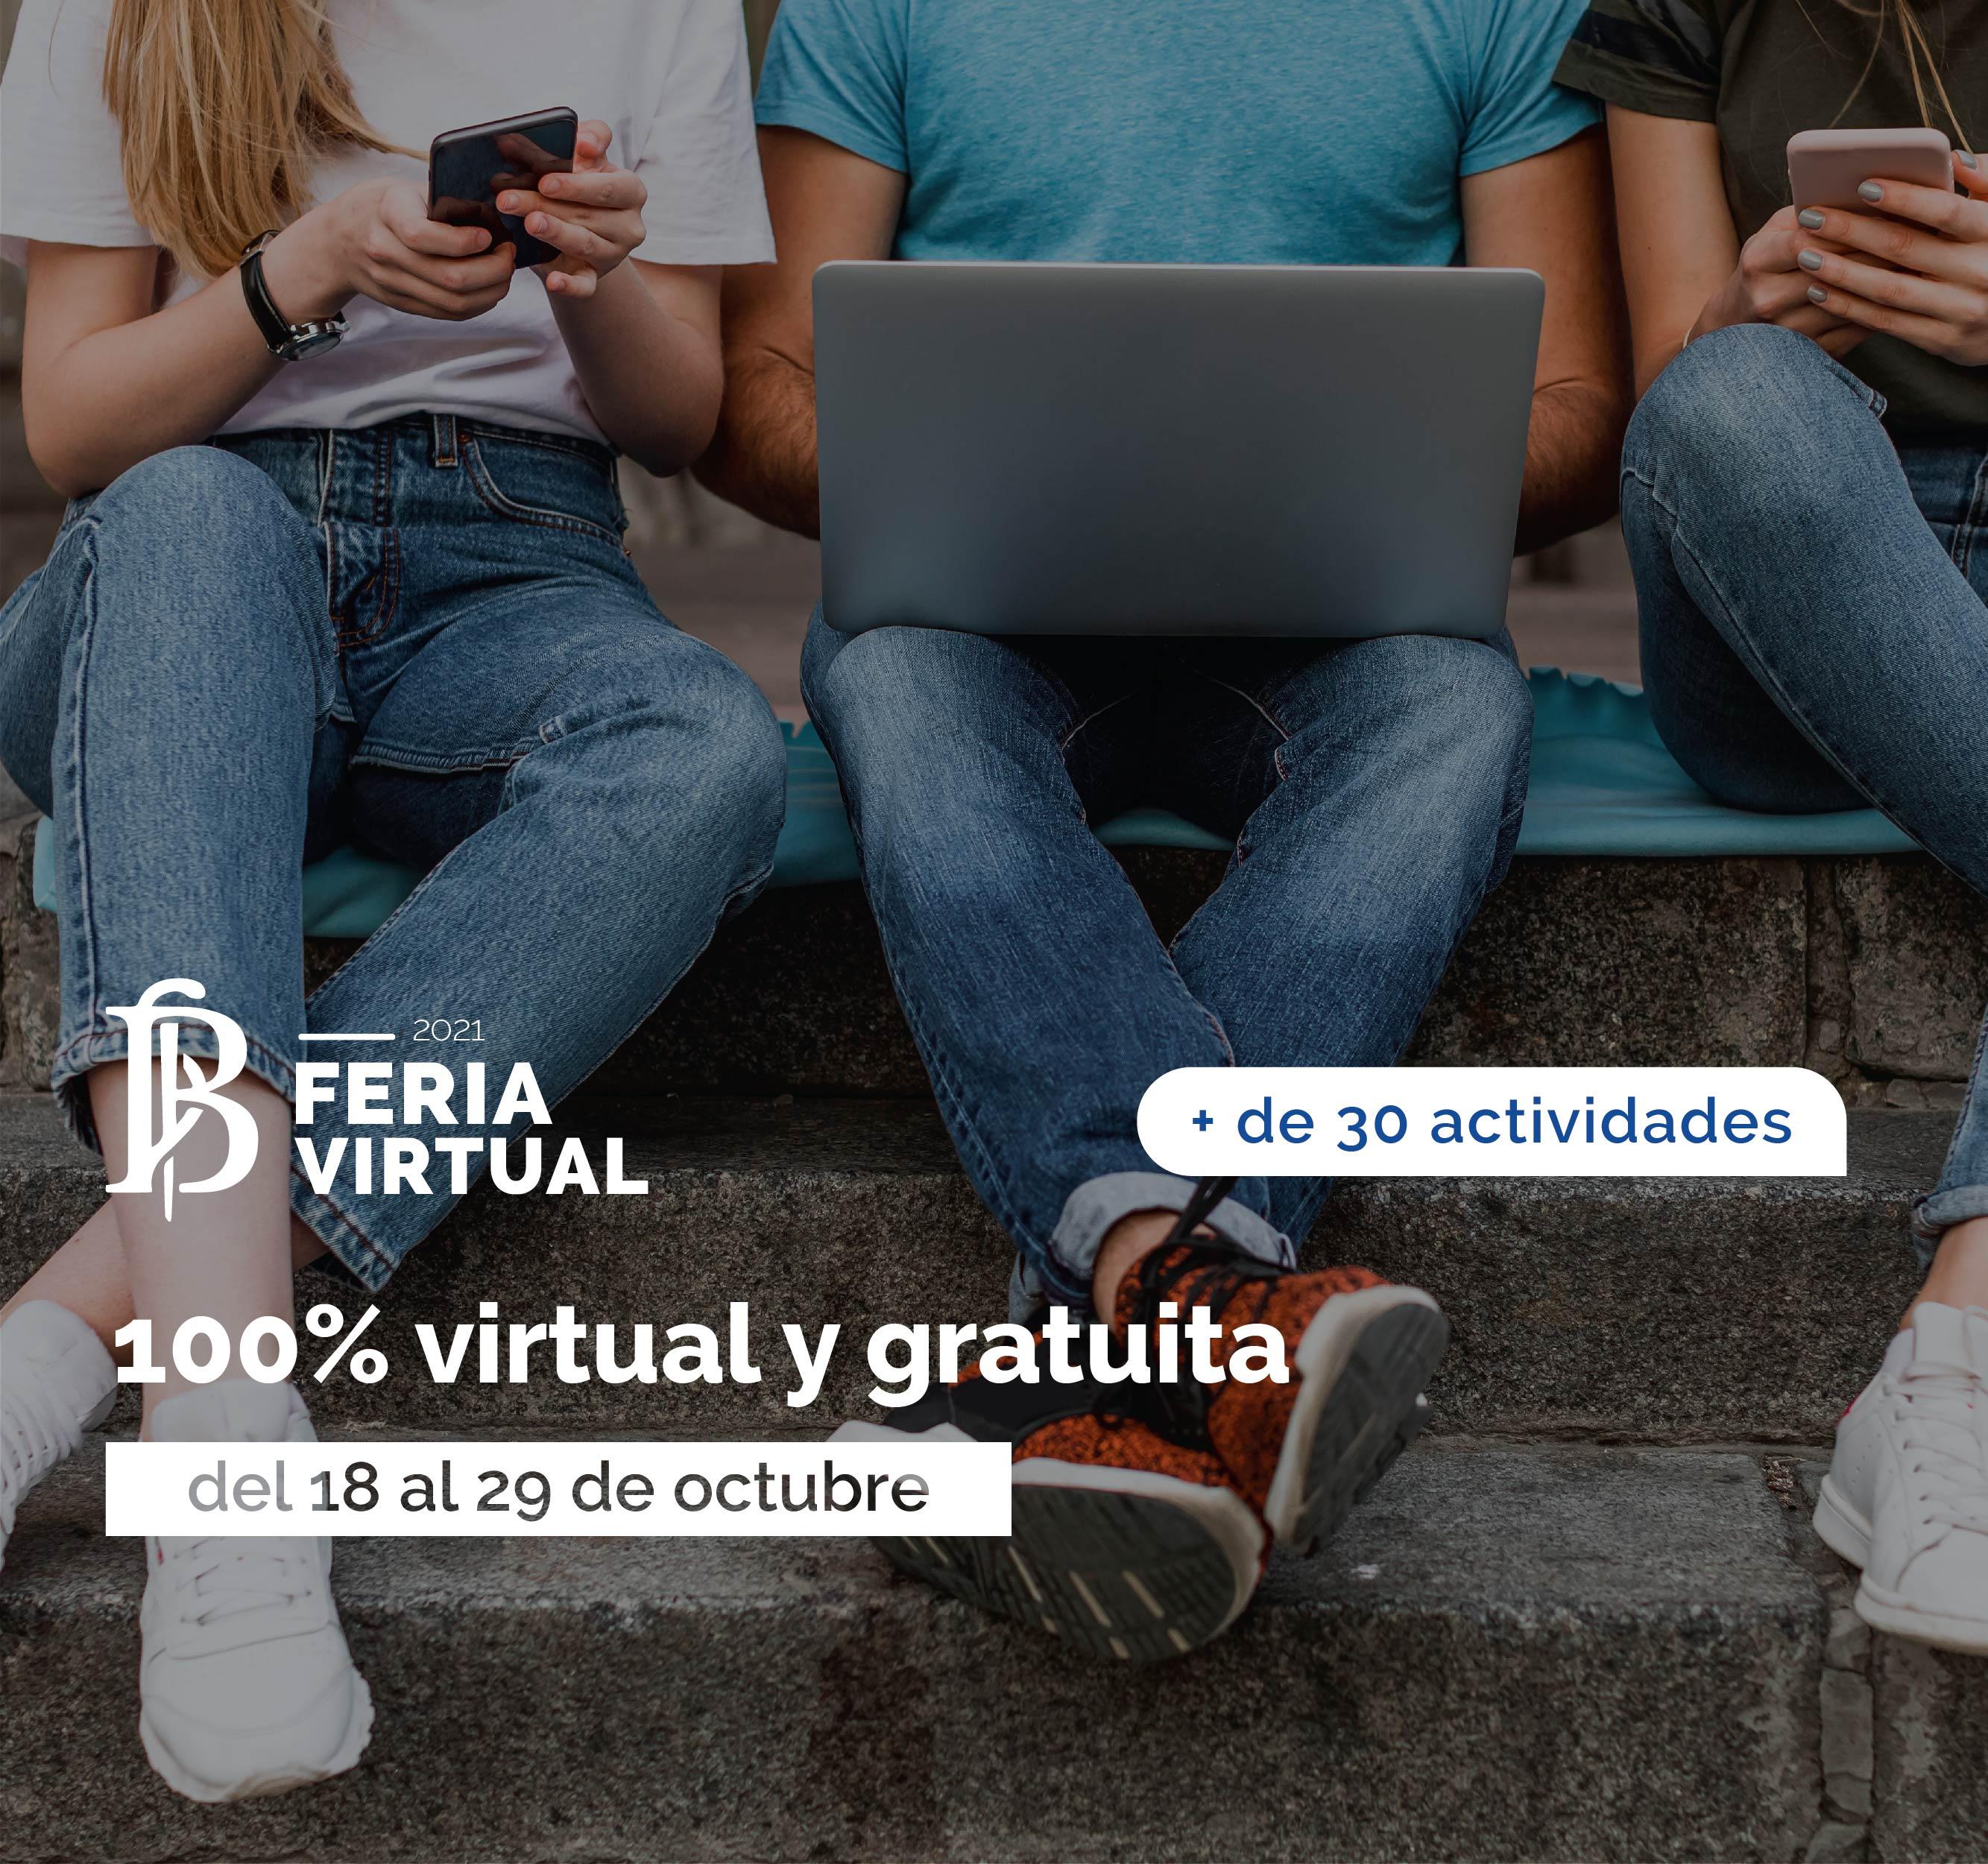 Feria Virtual 2021 Fundación Barceló